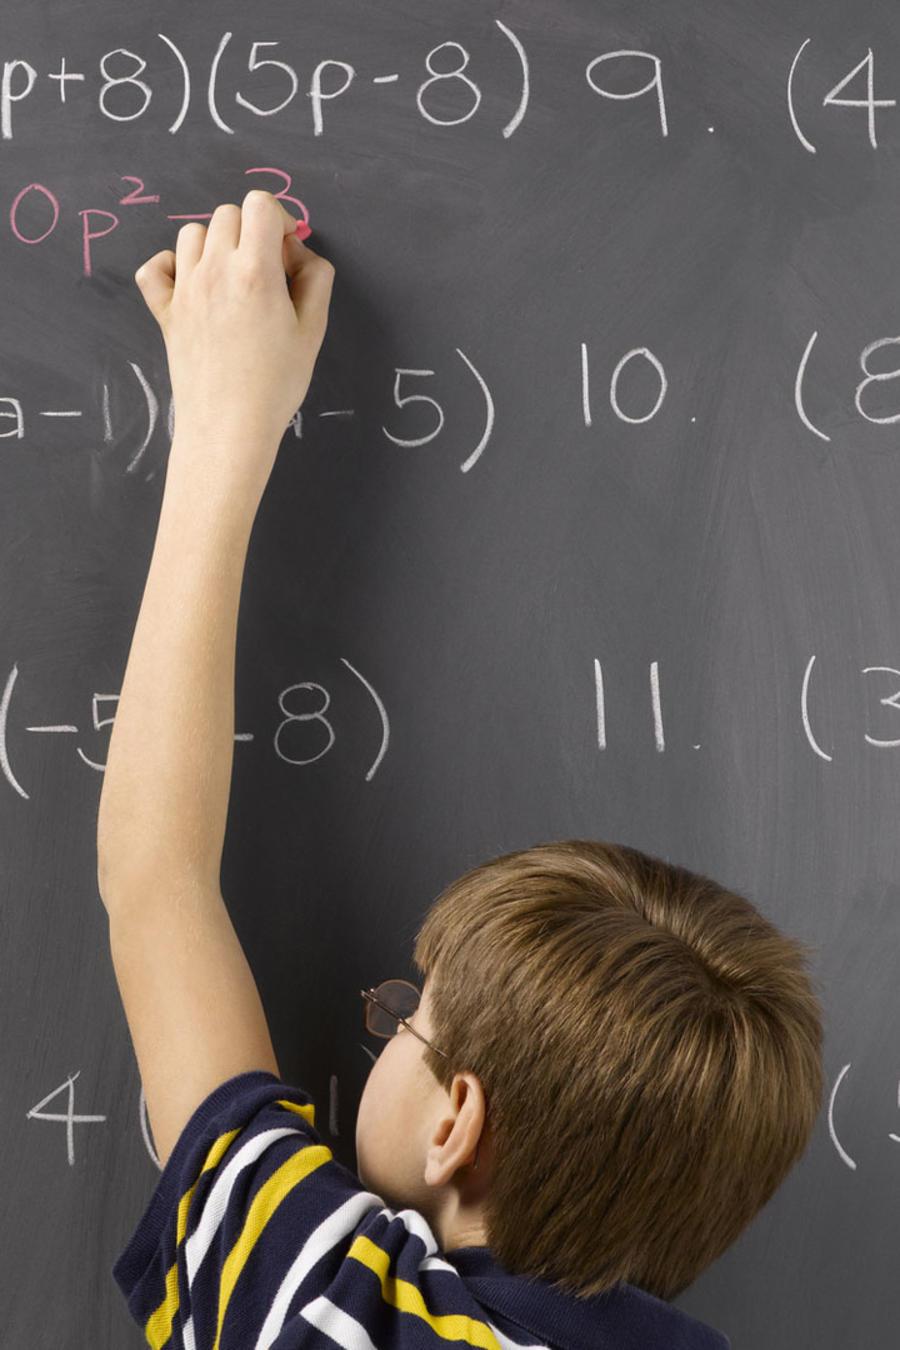 Estudiante resolviendo cálculos matemáticos en un pizarrón